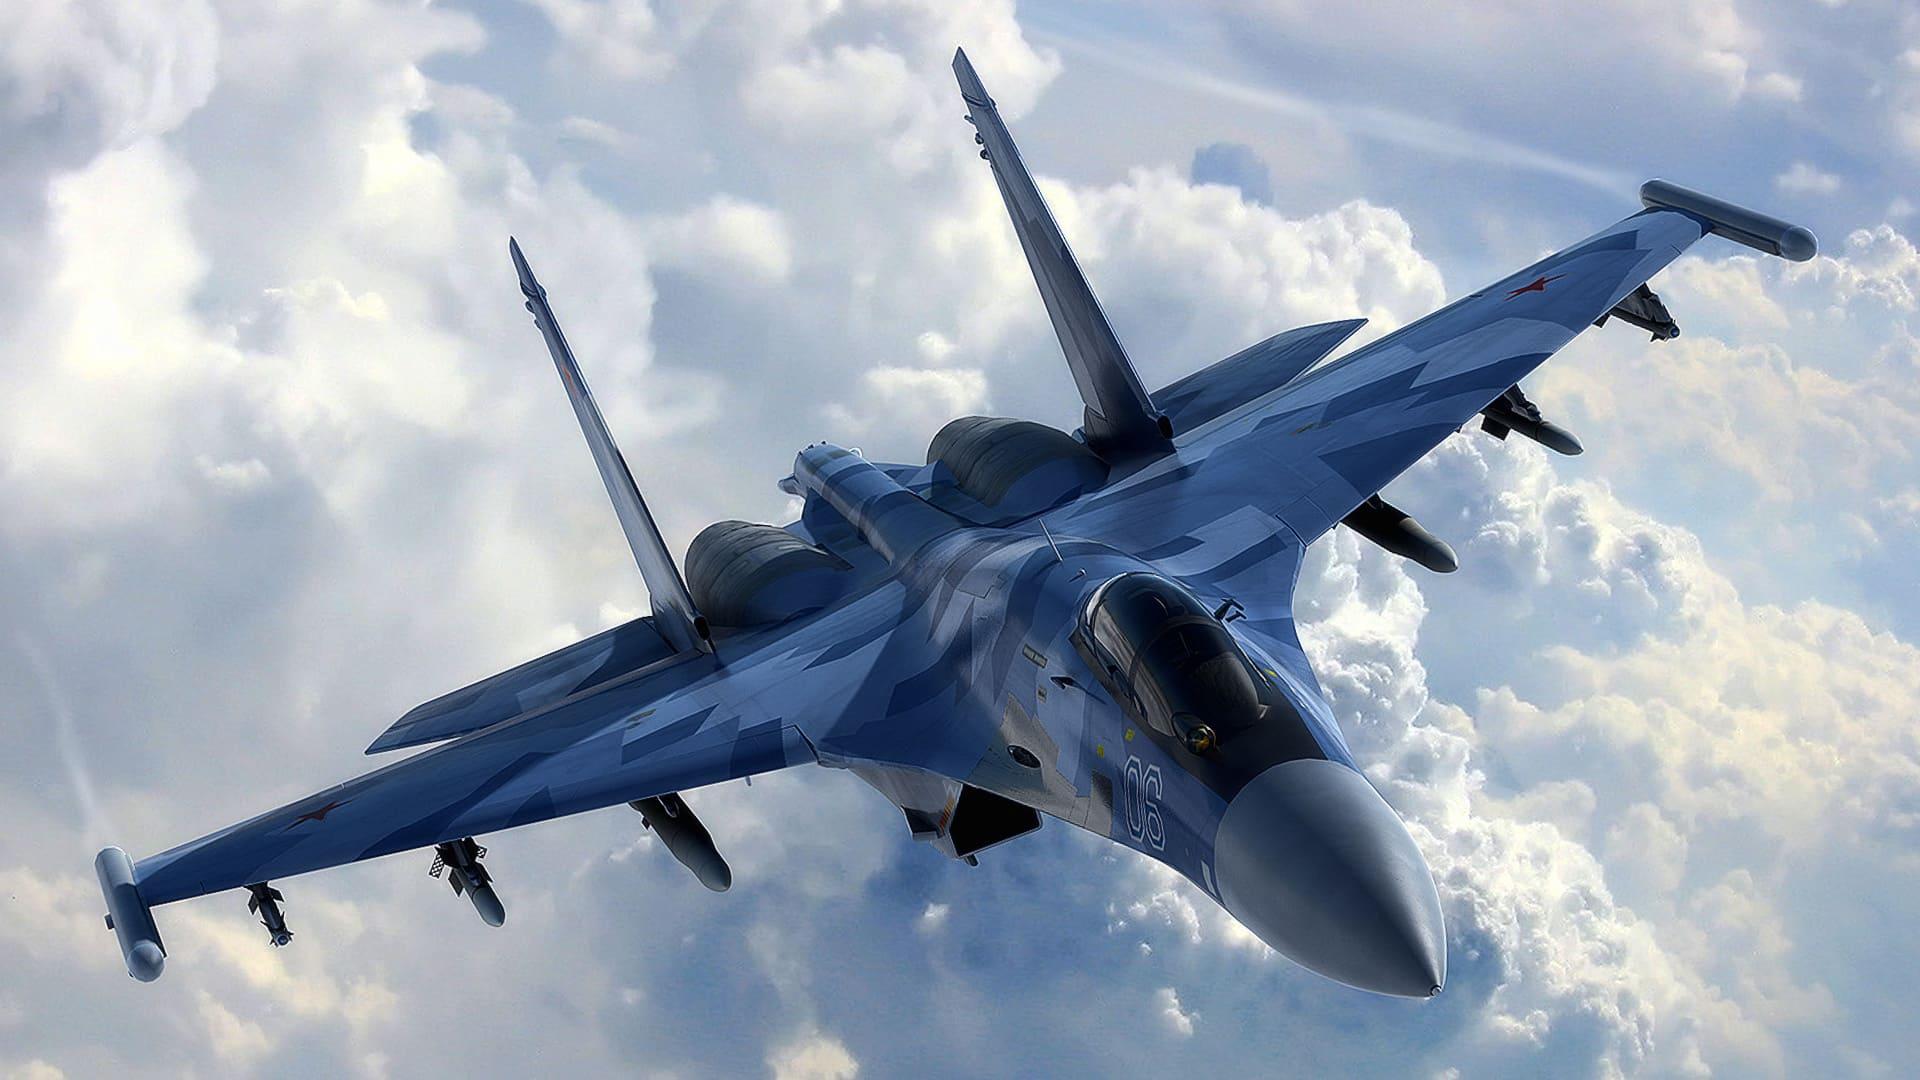 военная авиация россии картинки улице куйбышева дерево